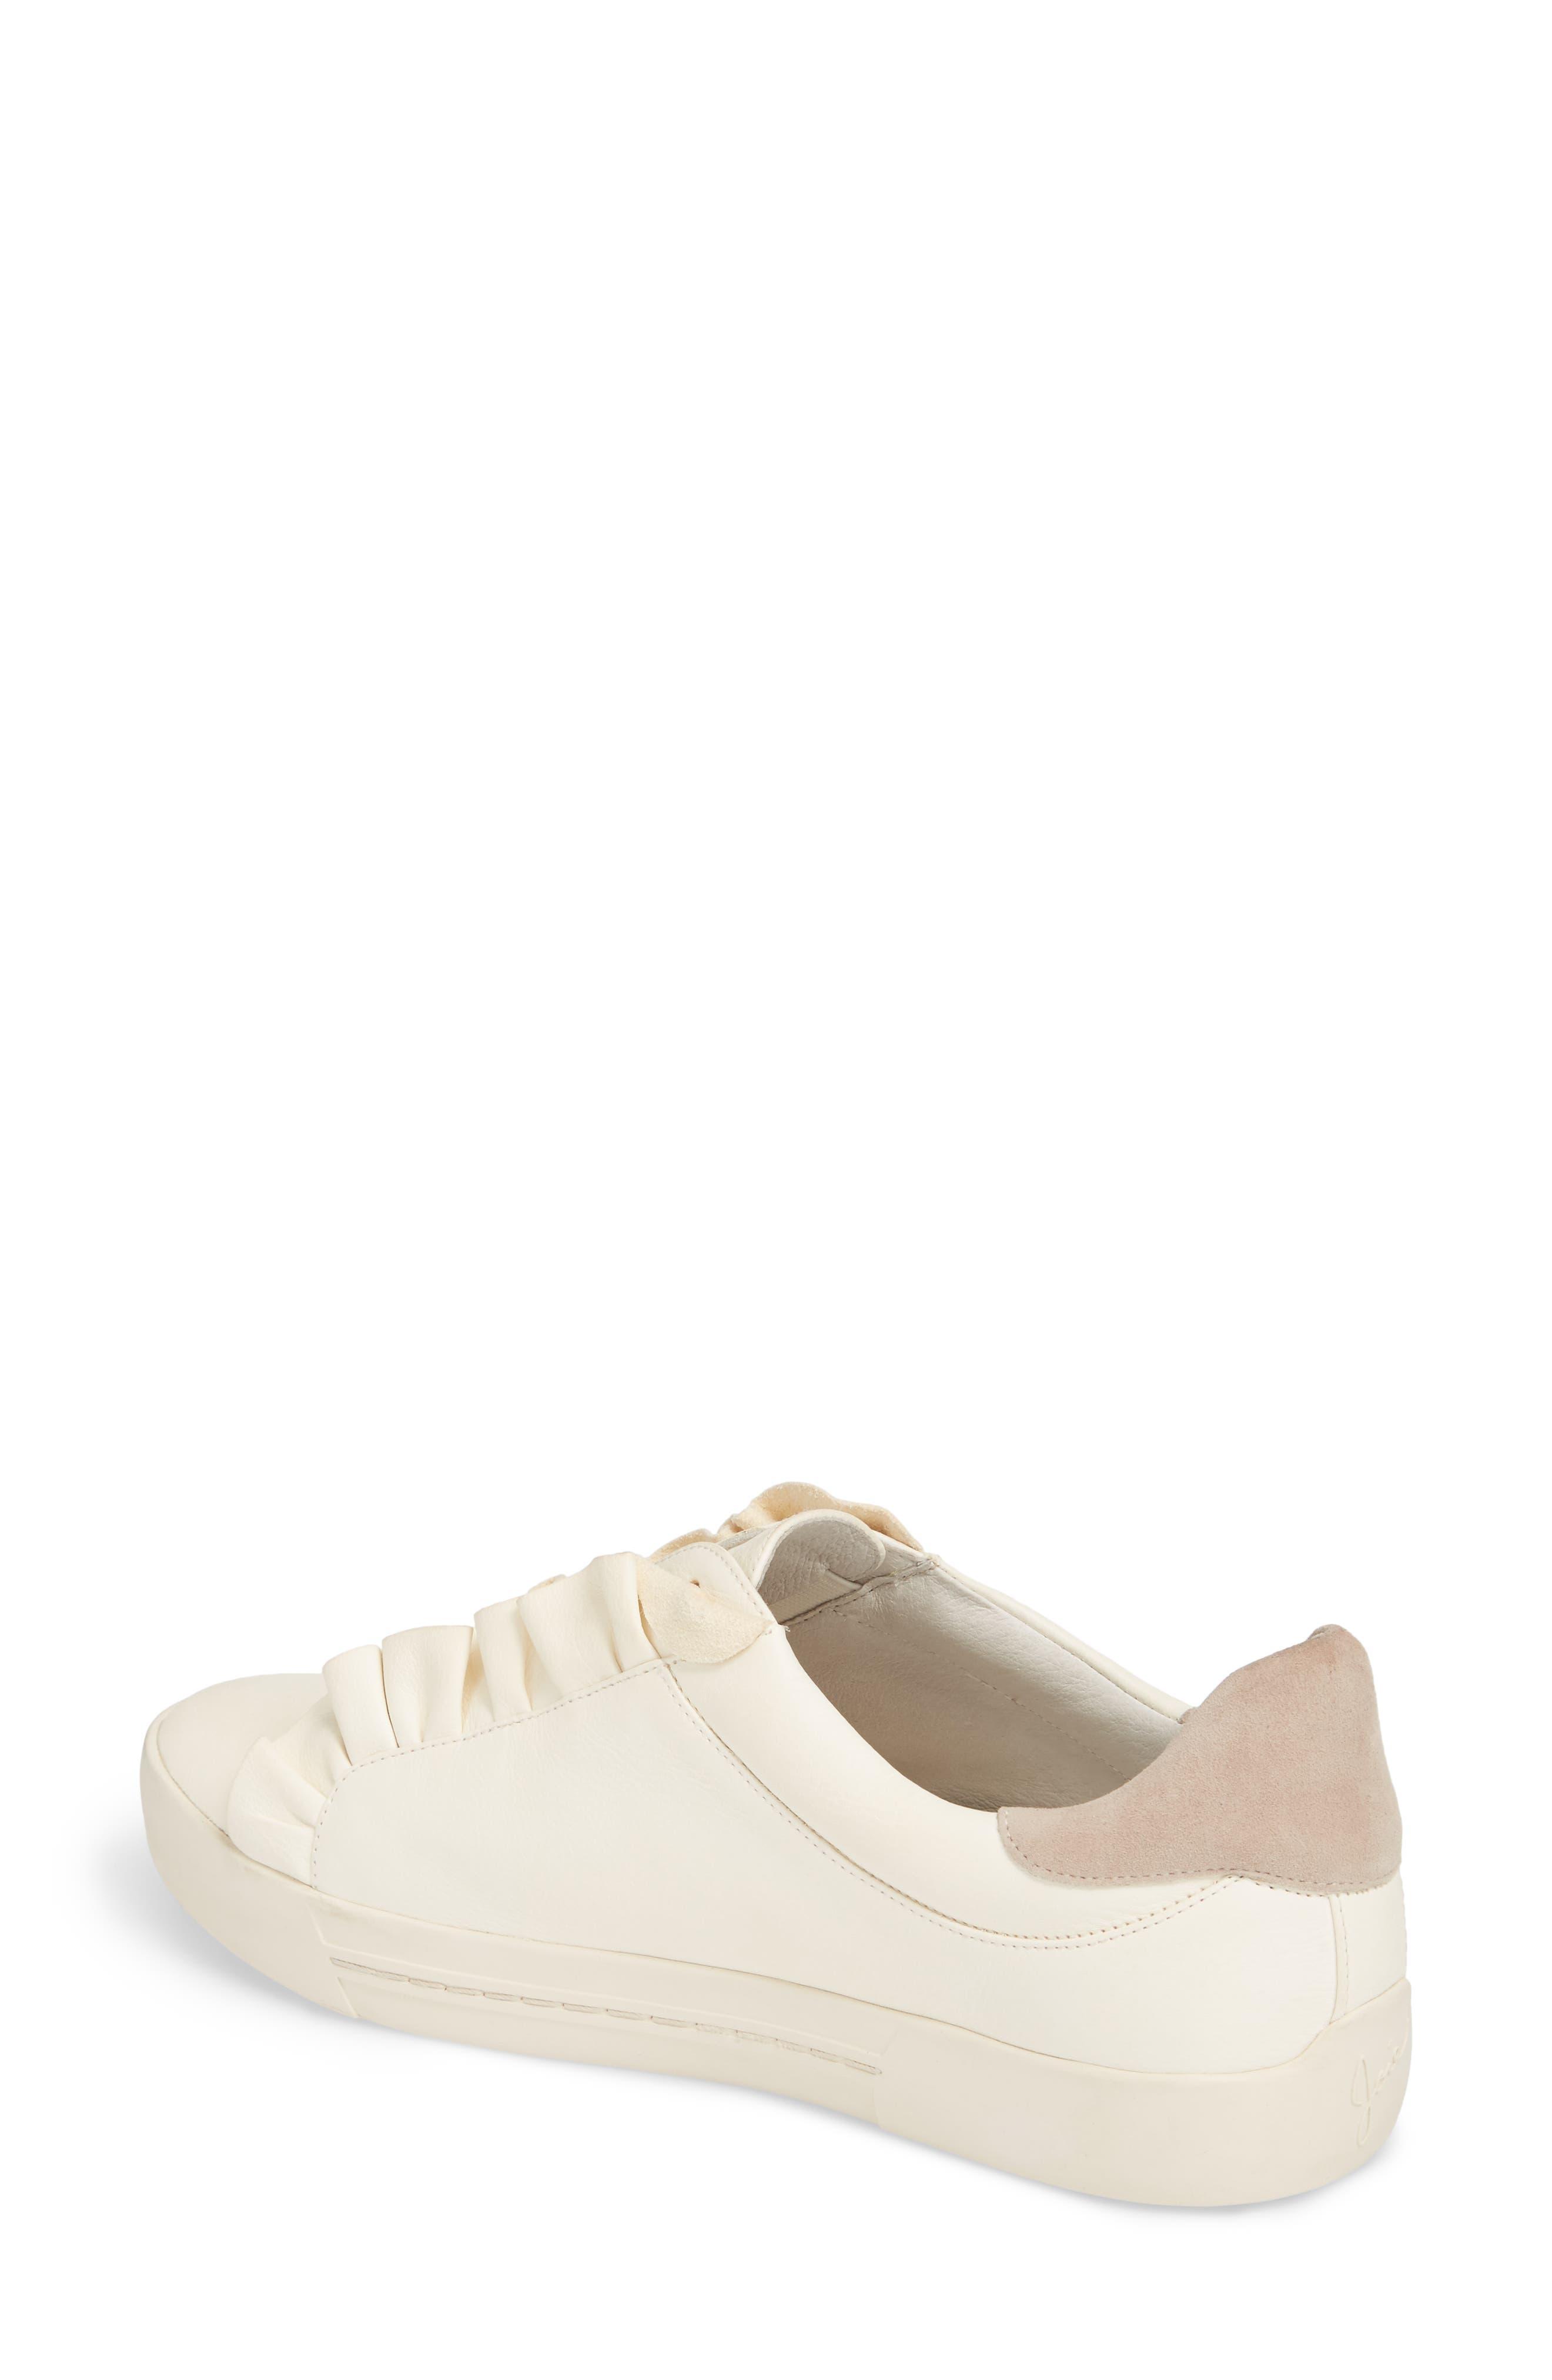 Daw Ruffle Slip-On Sneaker,                             Alternate thumbnail 2, color,                             900